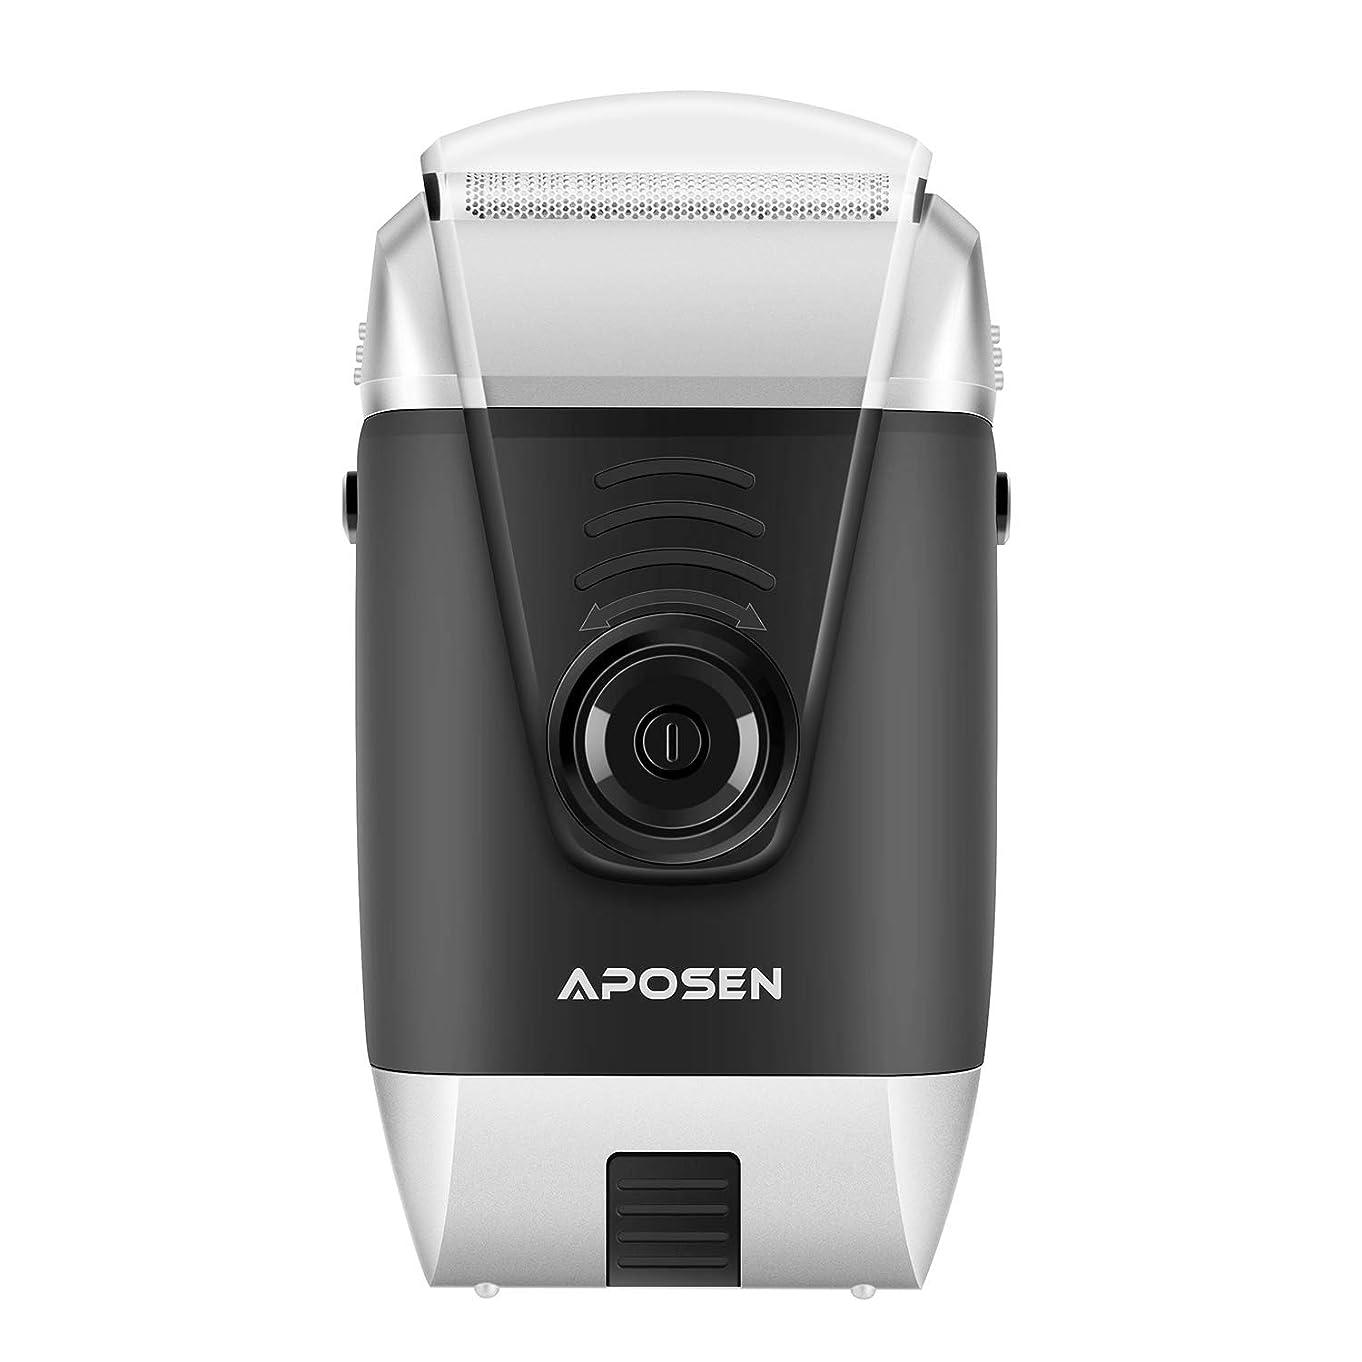 誕生政治家毎回APOSEN電気シェーバー 髭剃り 剃毛用カミソリ付き USB充電 リチウム電池内蔵 800mAh 大容量旅行用 多機能 男女兼用